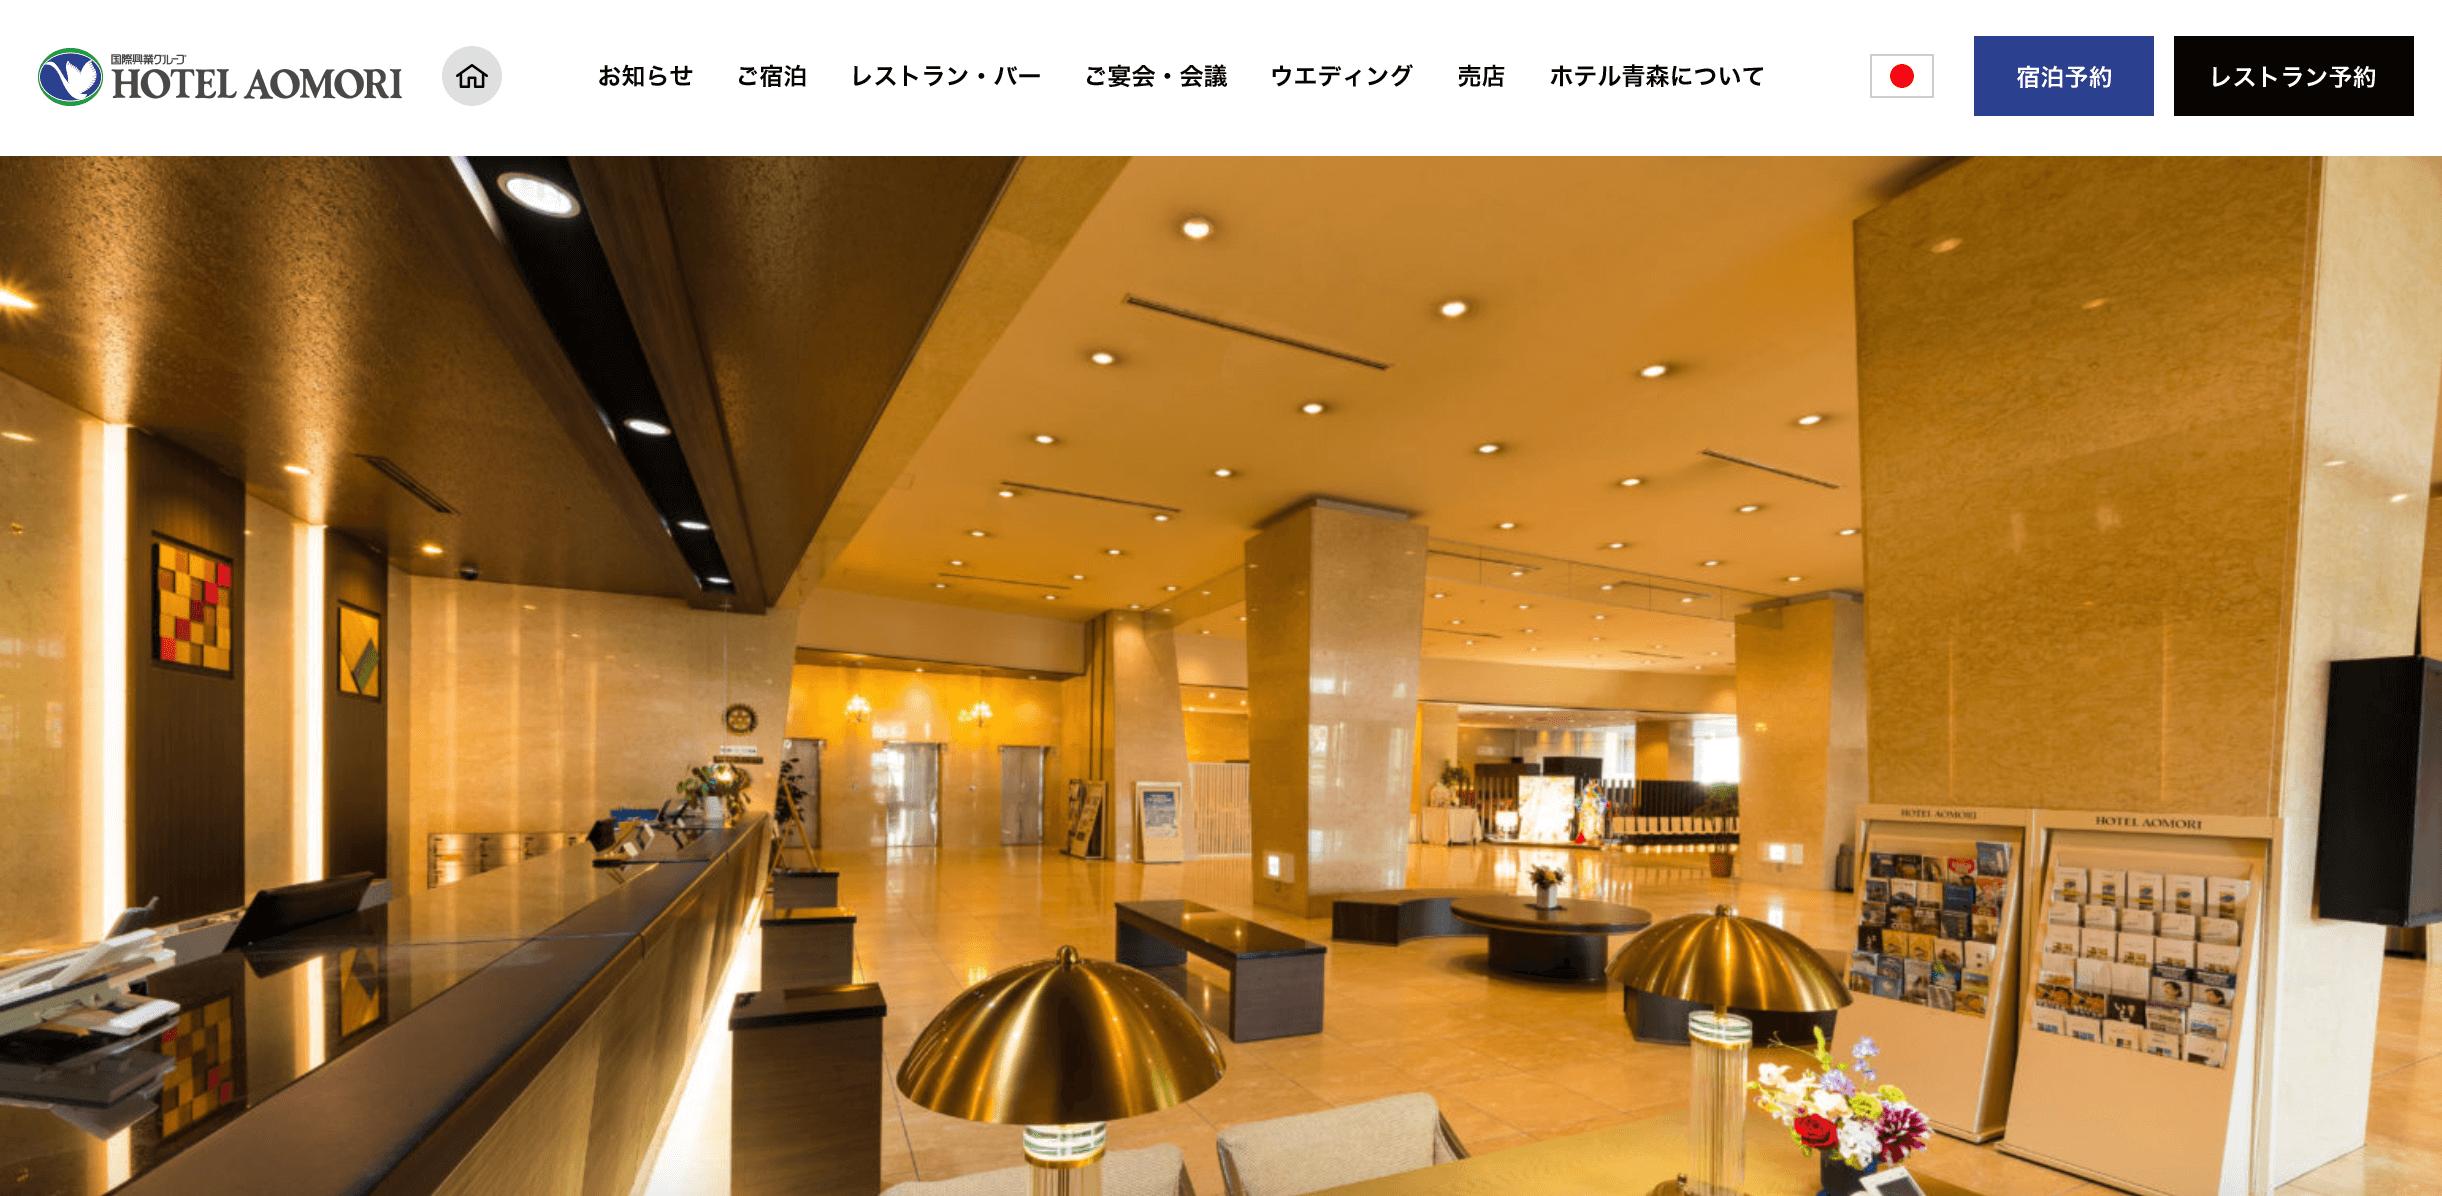 青森でパパ活におすすめなホテル「ホテル青森」